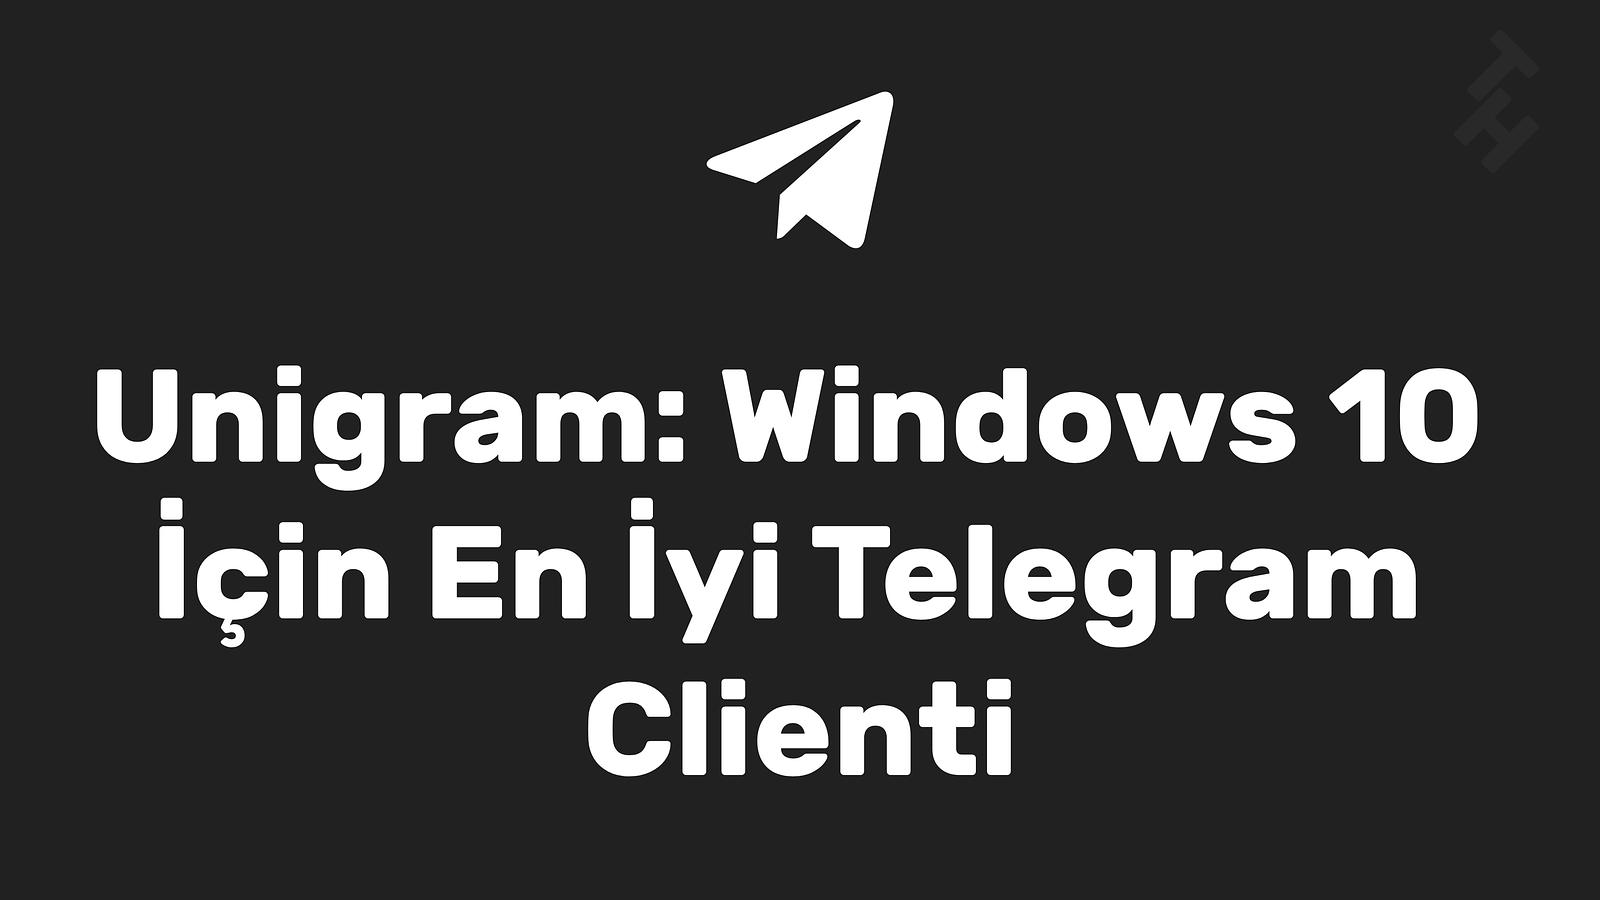 Unigram Windows 10 Telegram